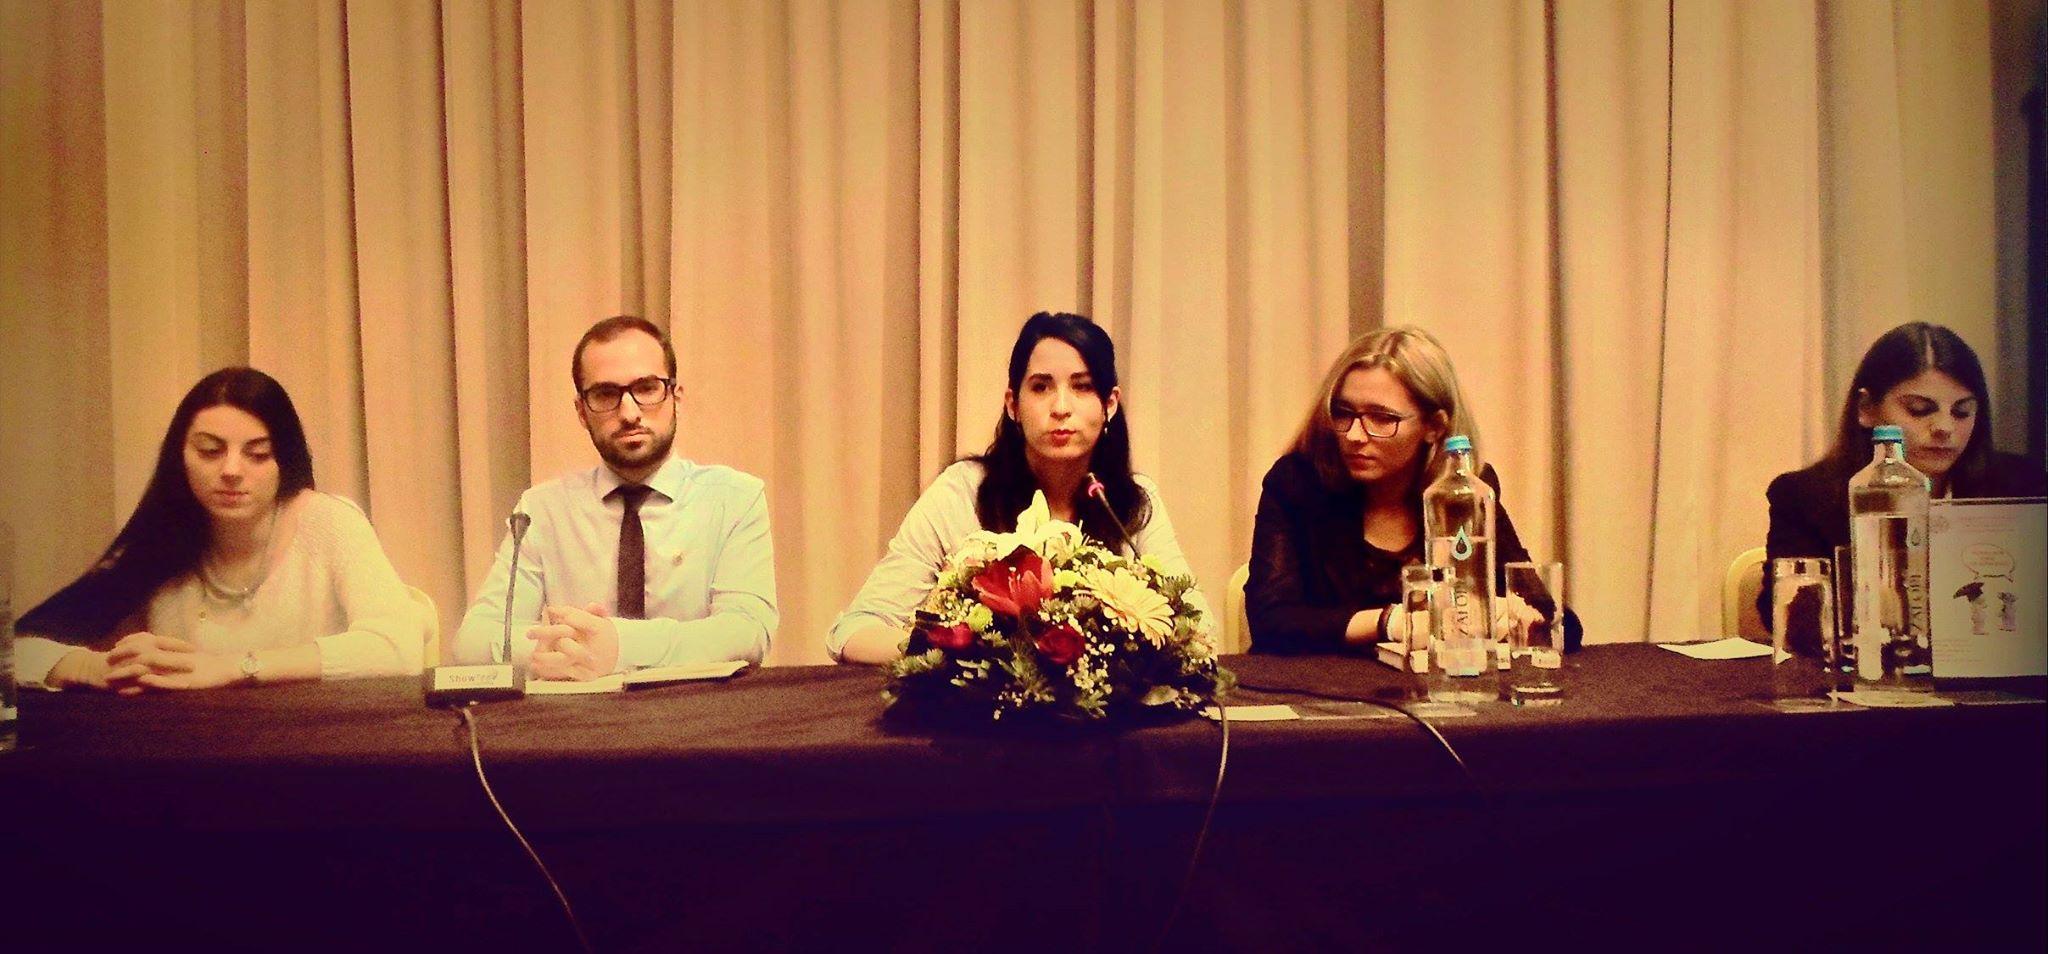 Η κ. Τσουκαλά Χριστίνα (μέλος ΔΣ), ο Σταθόπουλος Χρήστος (HR Manager), η Κοντορλή Αλκμήνη (Event Manager) και η Γαλήνη Τριανταφύλλου (μέλος ΔΣ)